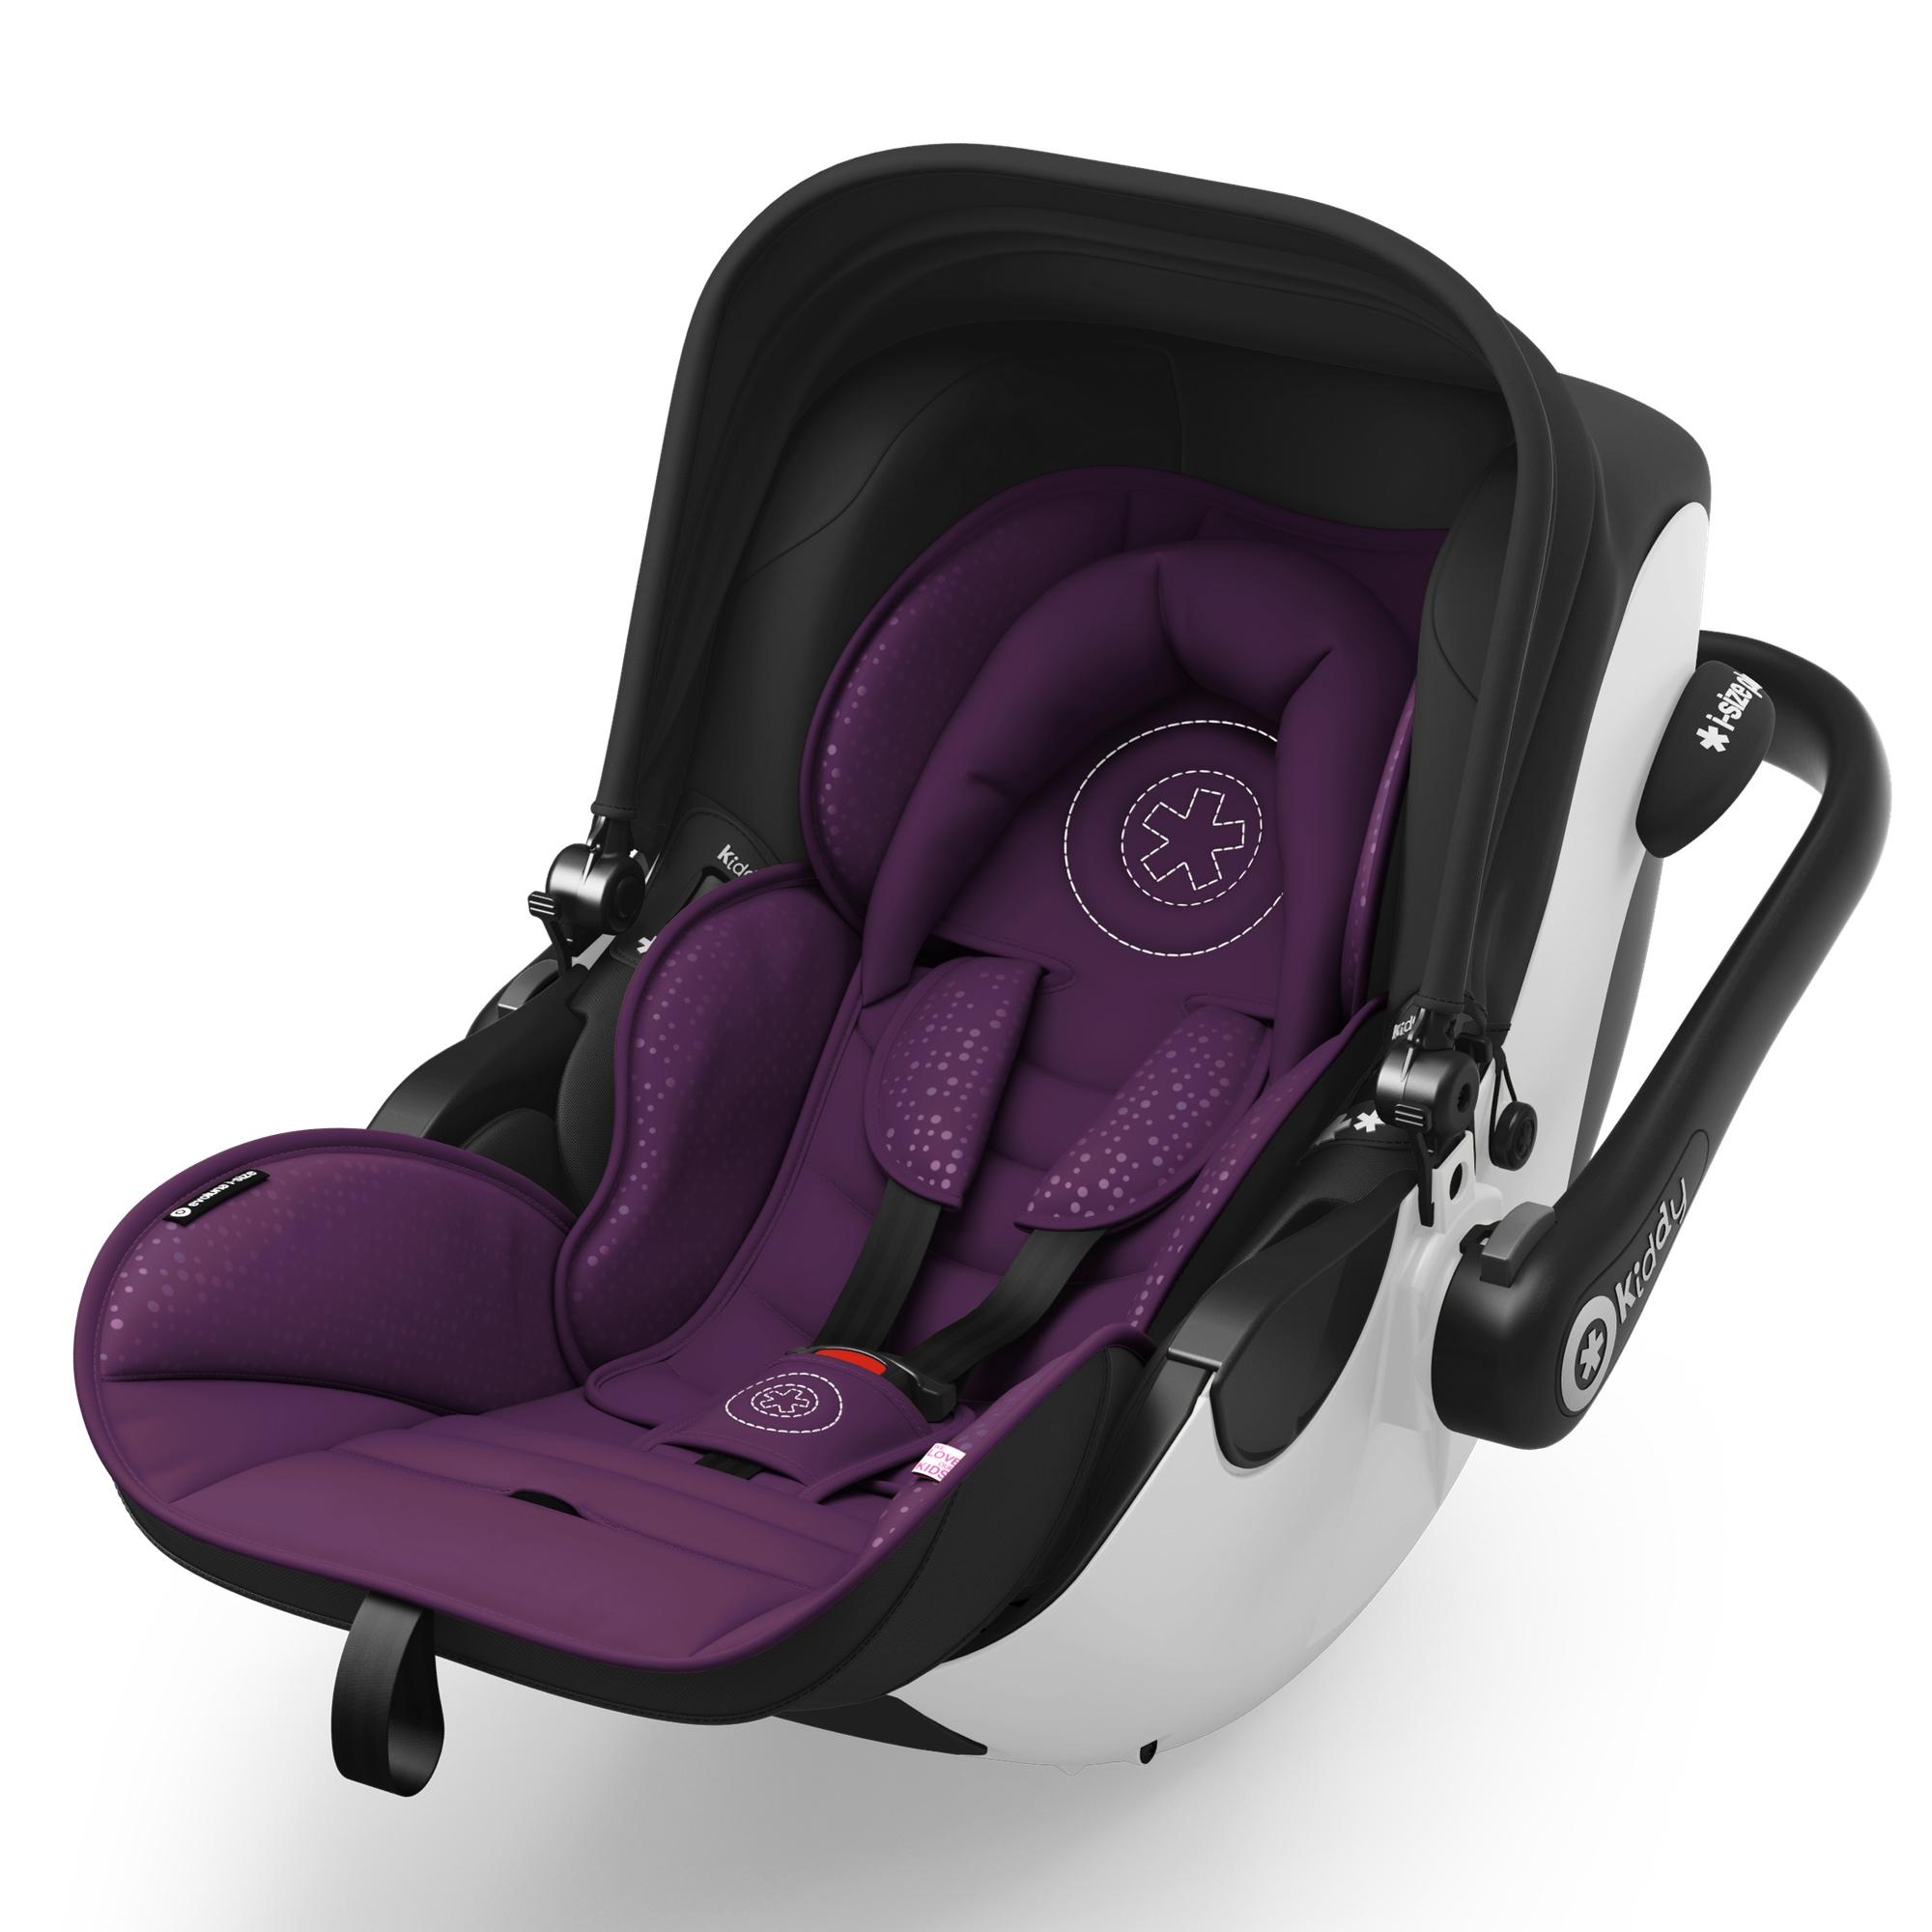 sichere babyschalen von besafe concord und cybex die zwergperten babyschalen reboarder. Black Bedroom Furniture Sets. Home Design Ideas